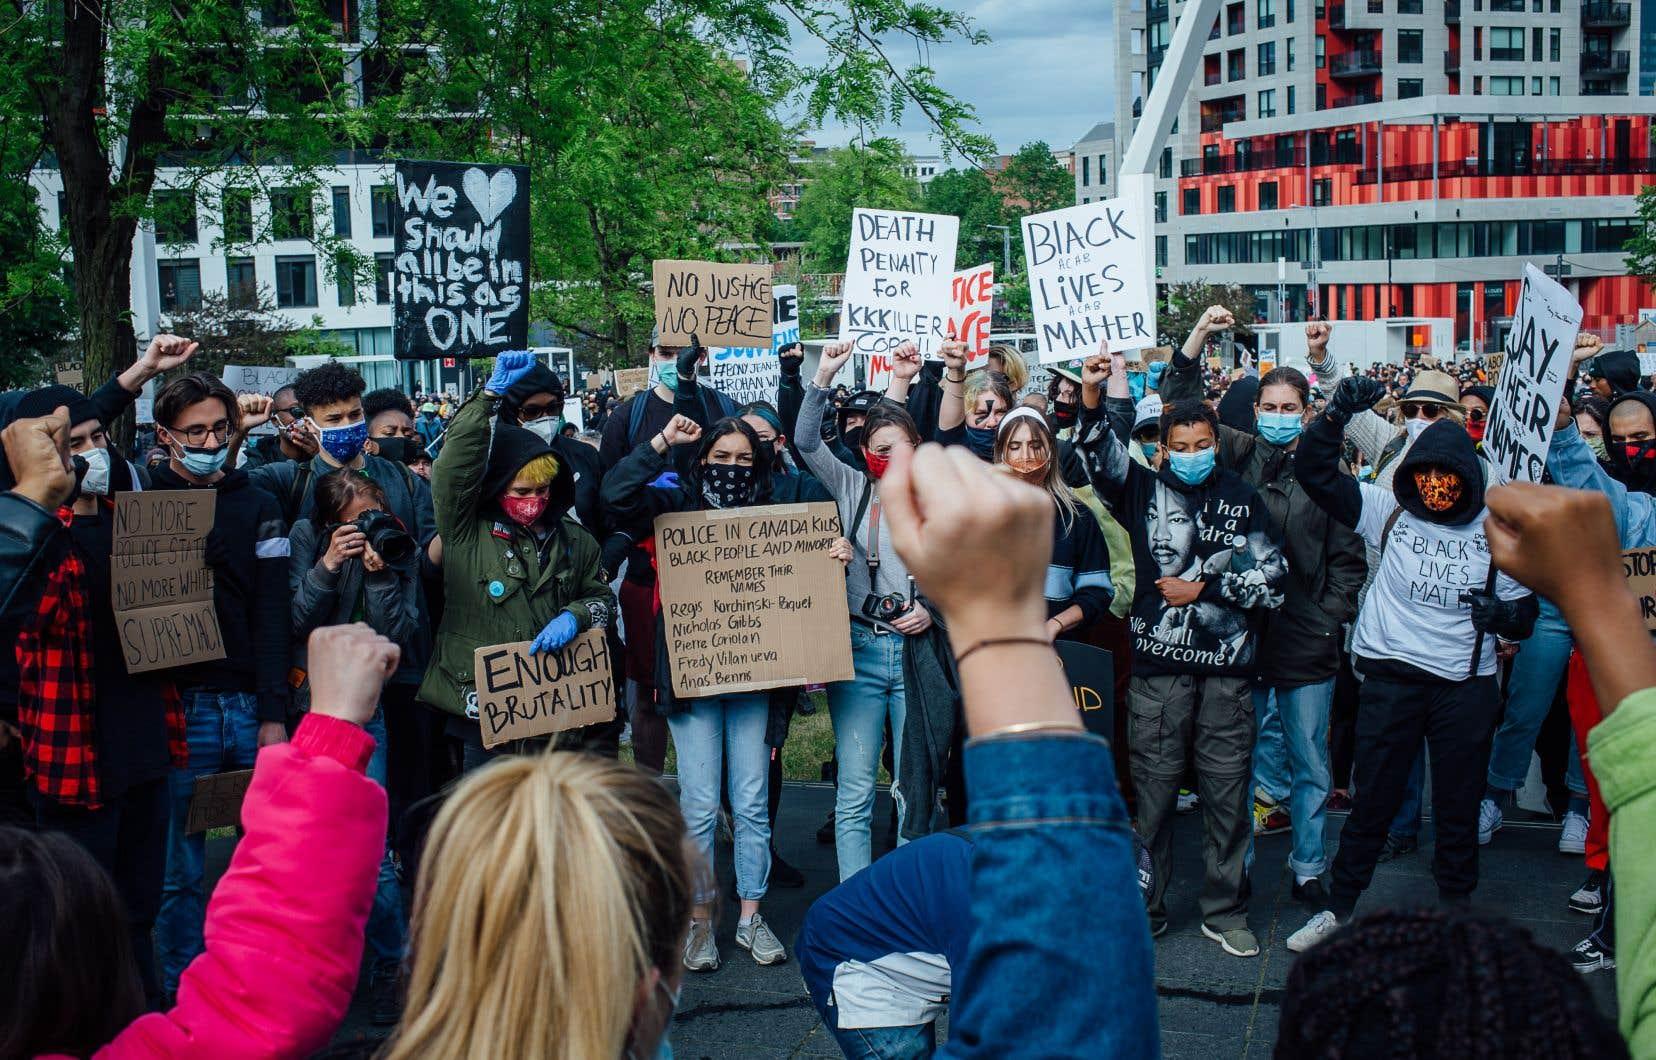 La Commission invite le gouvernement à donner l'élan nécessaire pour corriger les inégalités structurelles qui freinent le plein exercice des droits garantis par la Charte, dont le droit à l'égalité, pour des pans de la population québécoise confrontés au racisme.